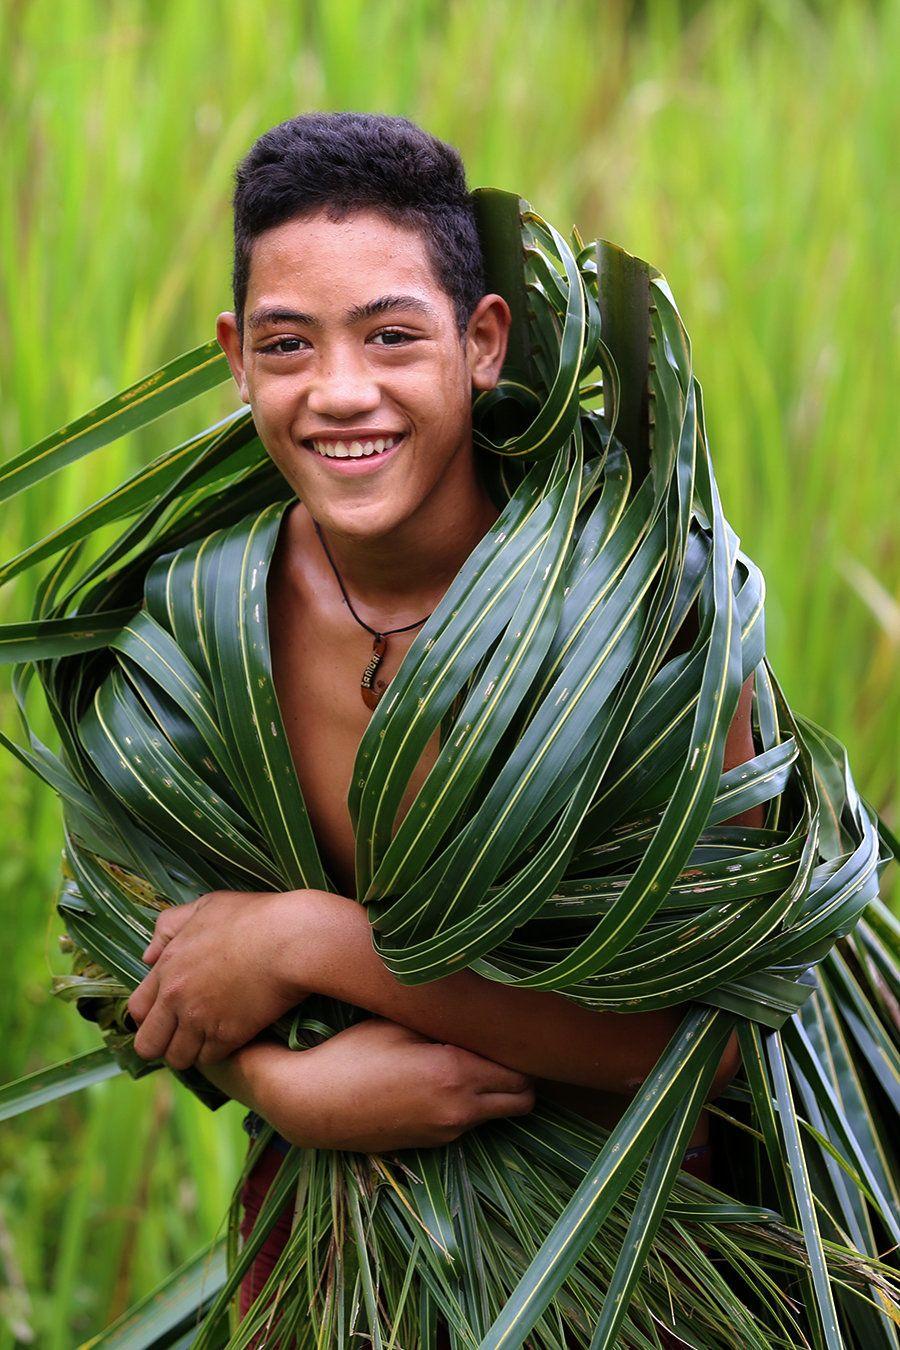 Savaii Island, Samoa